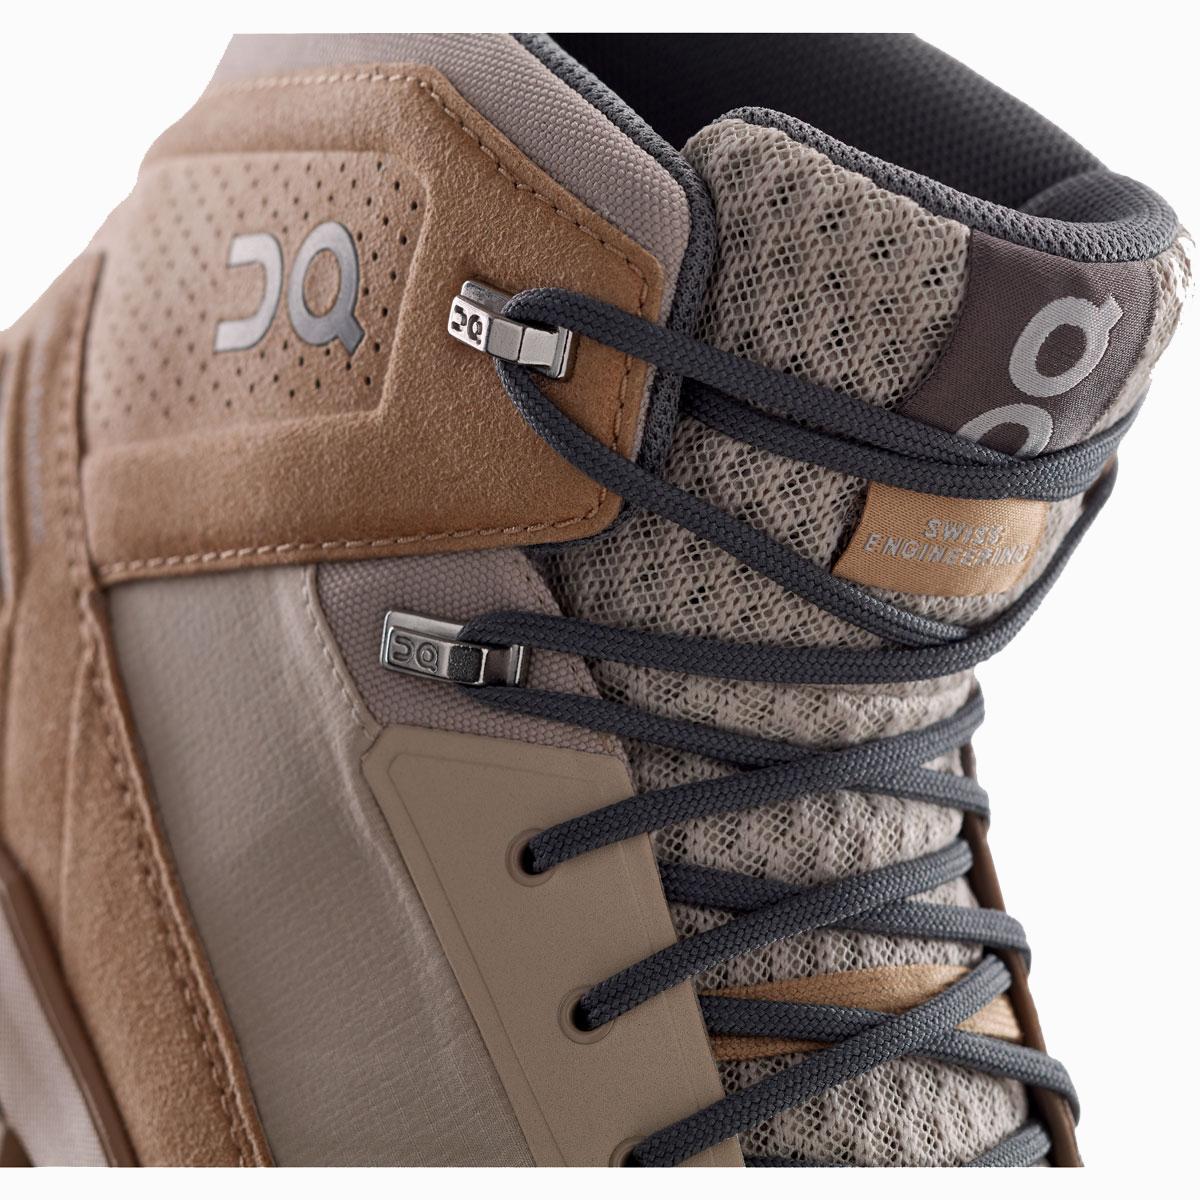 Men's On Cloudridge Hiking Shoe - Color: Sand | Rock - Size: 7 - Width: Regular, Sand | Rock, large, image 2